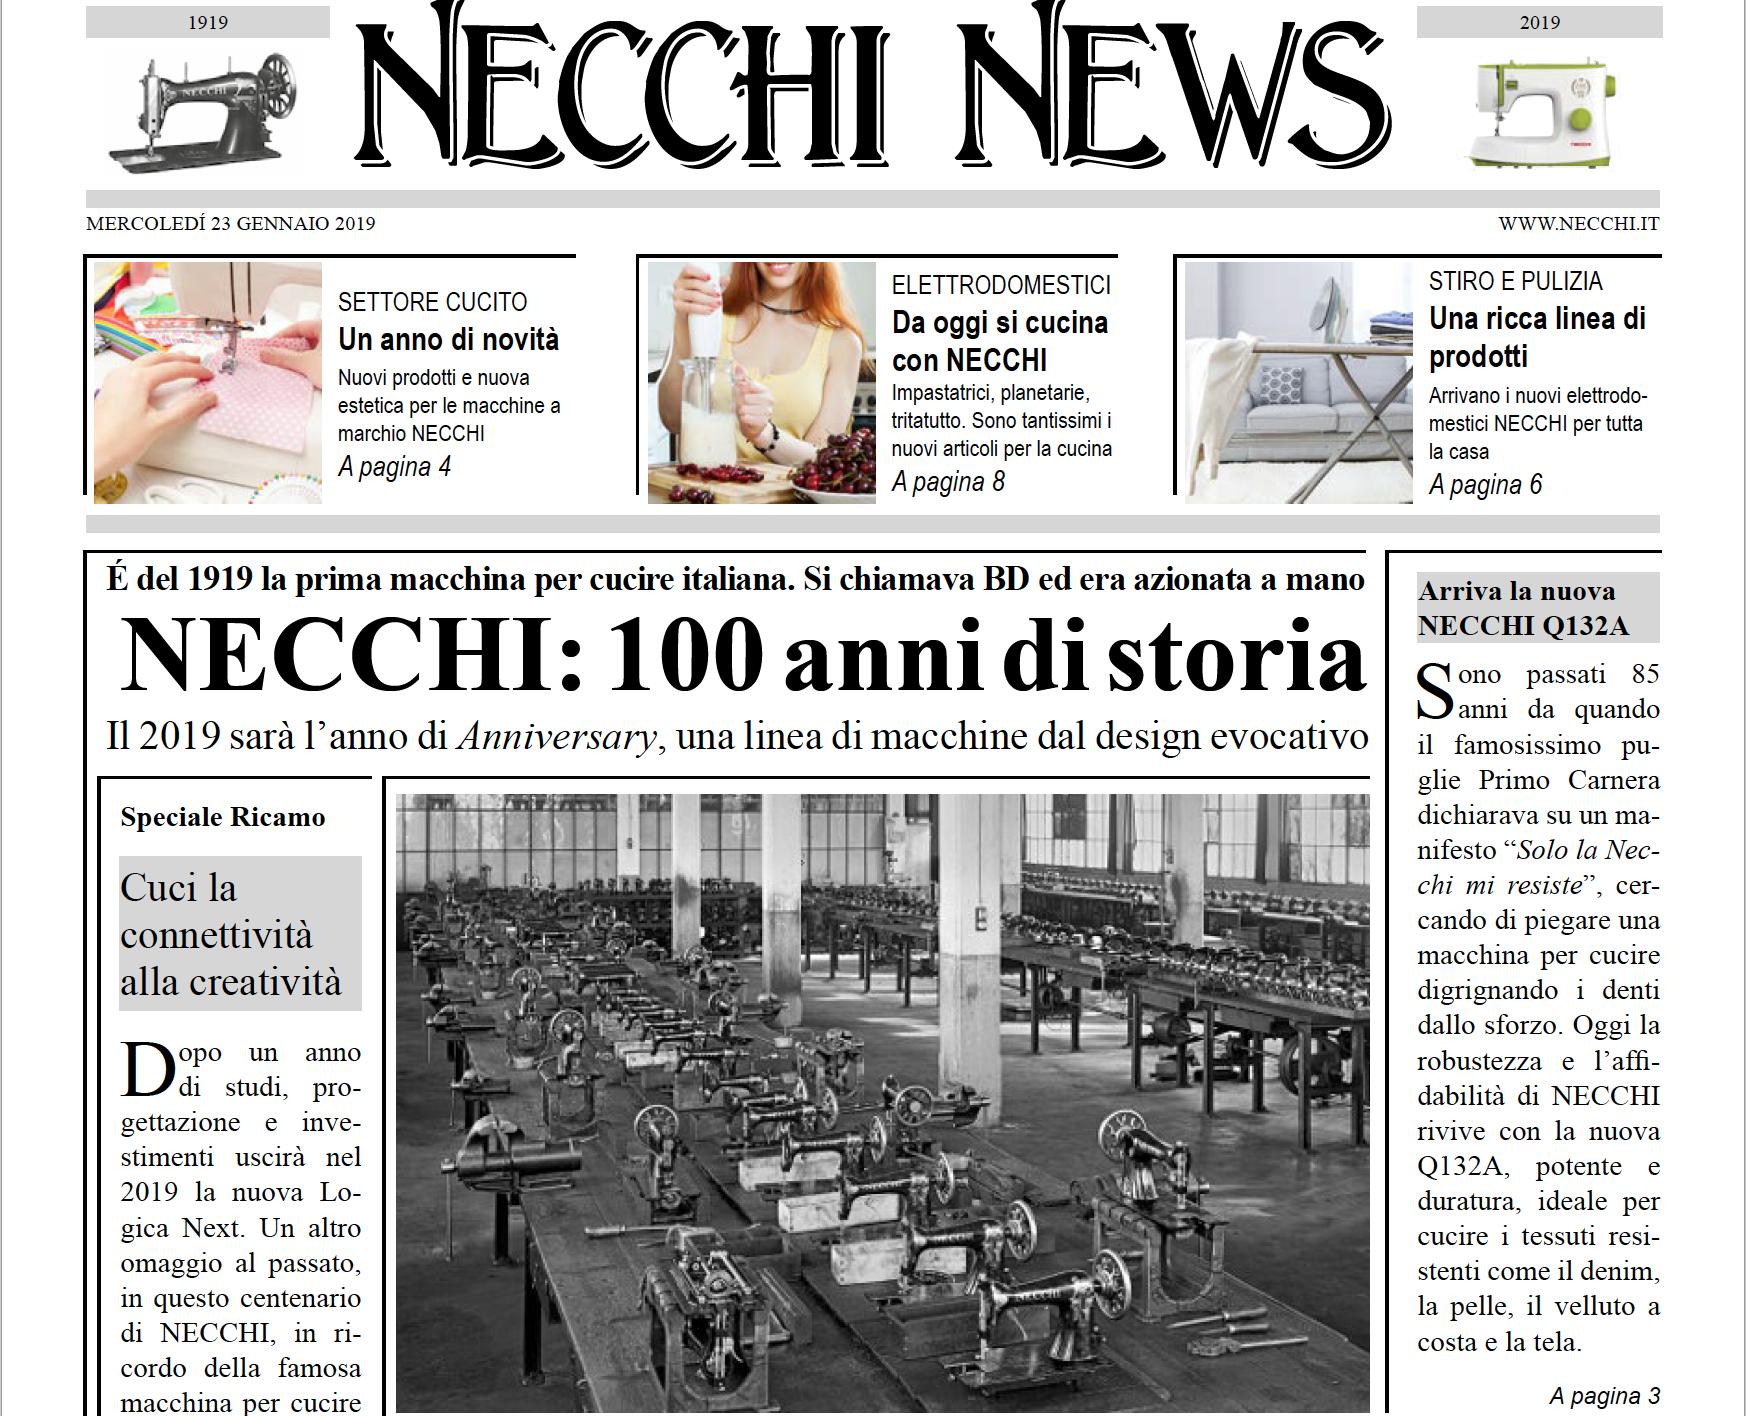 Necchi News